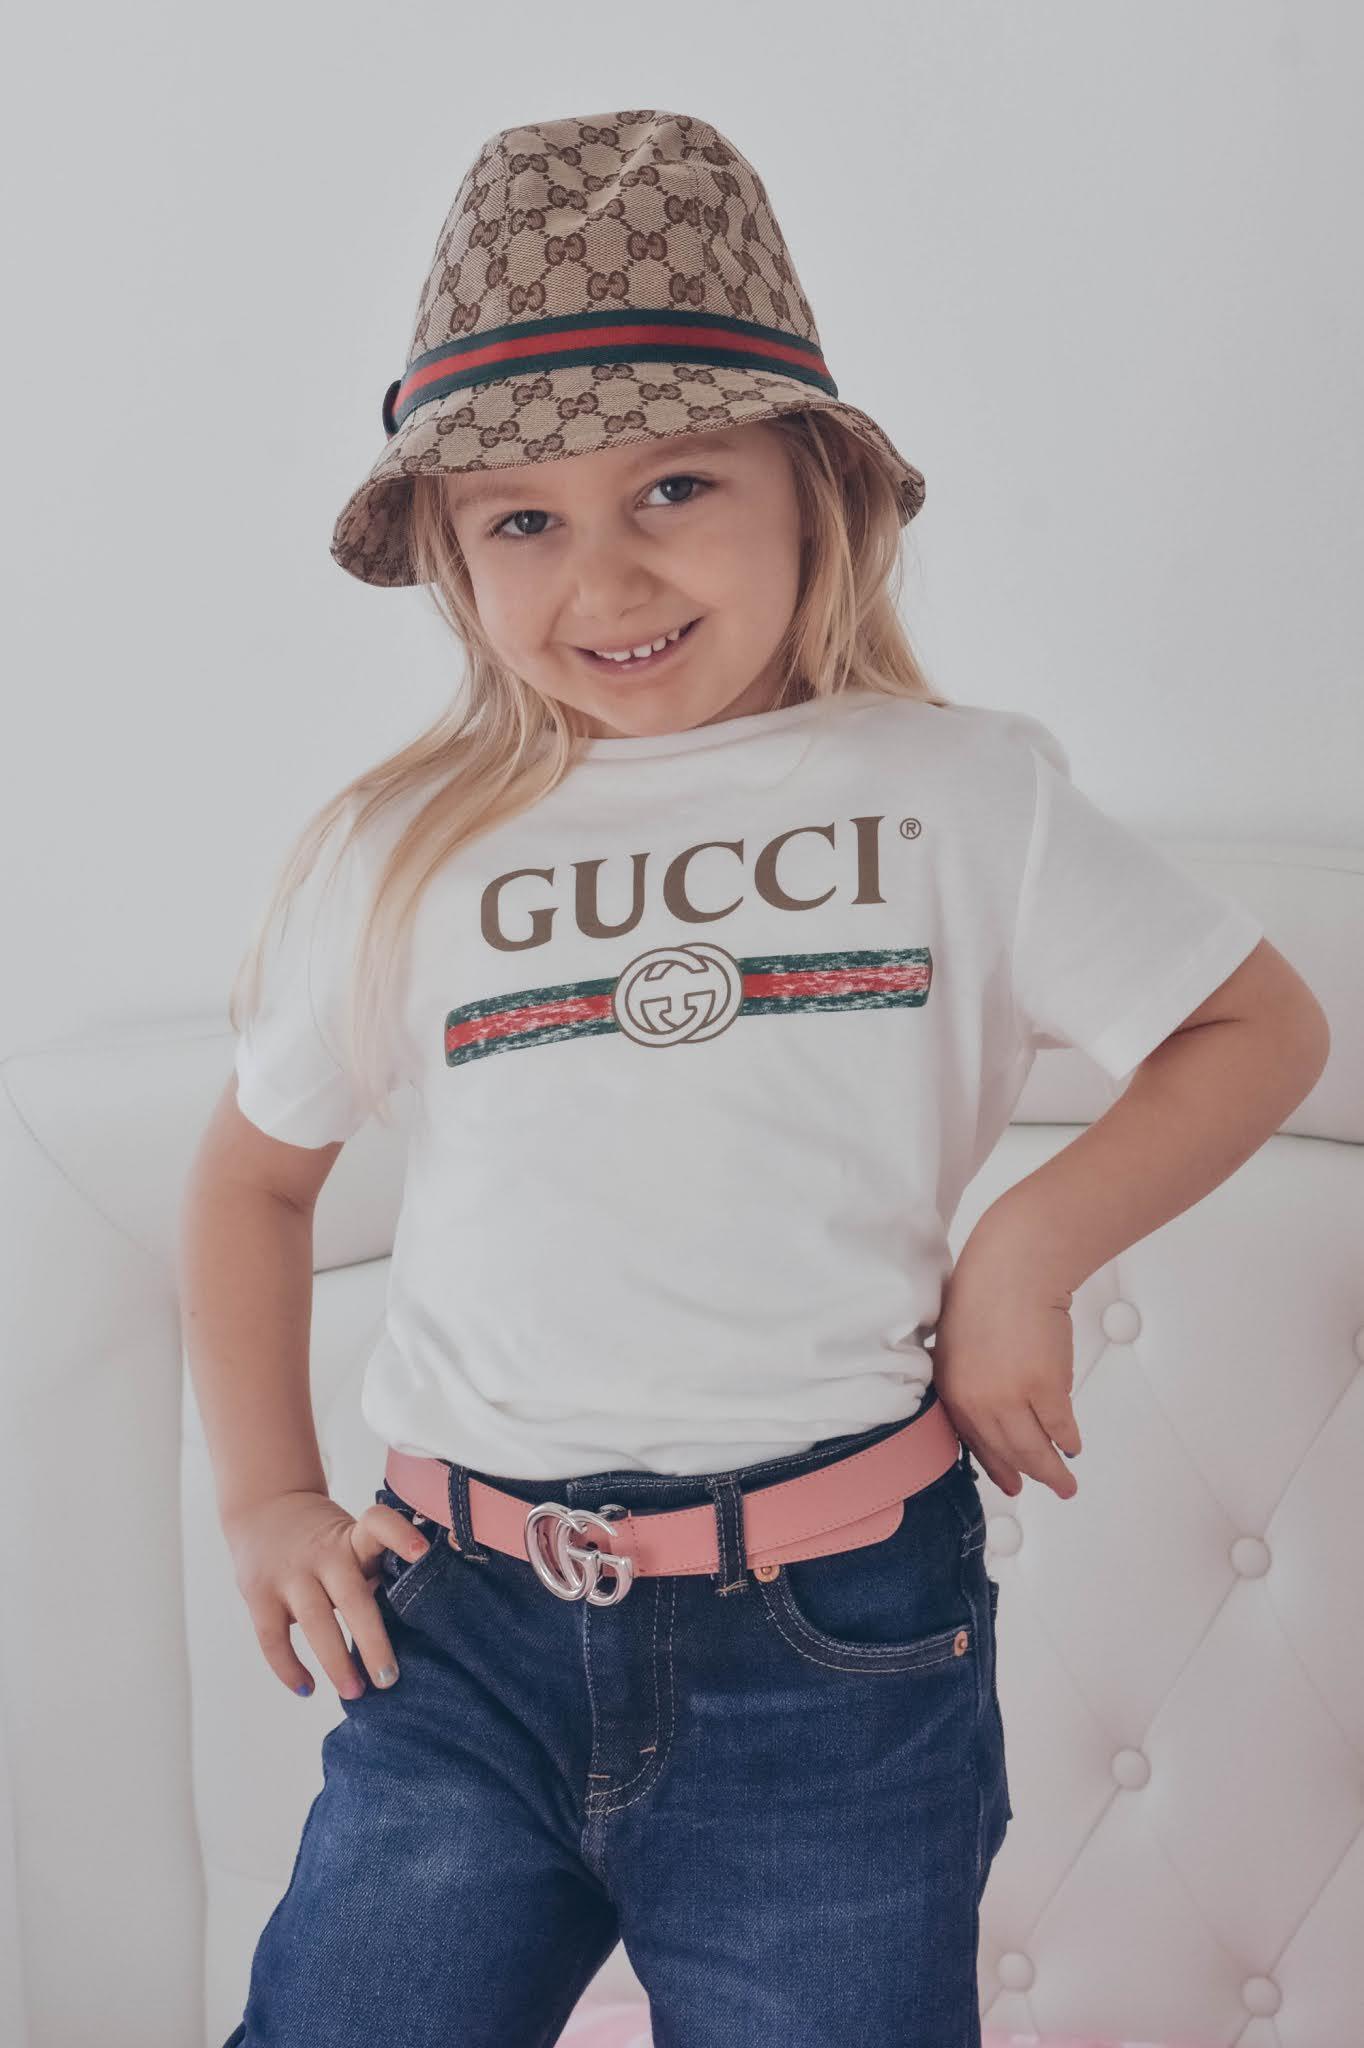 maglietta gucci bambina